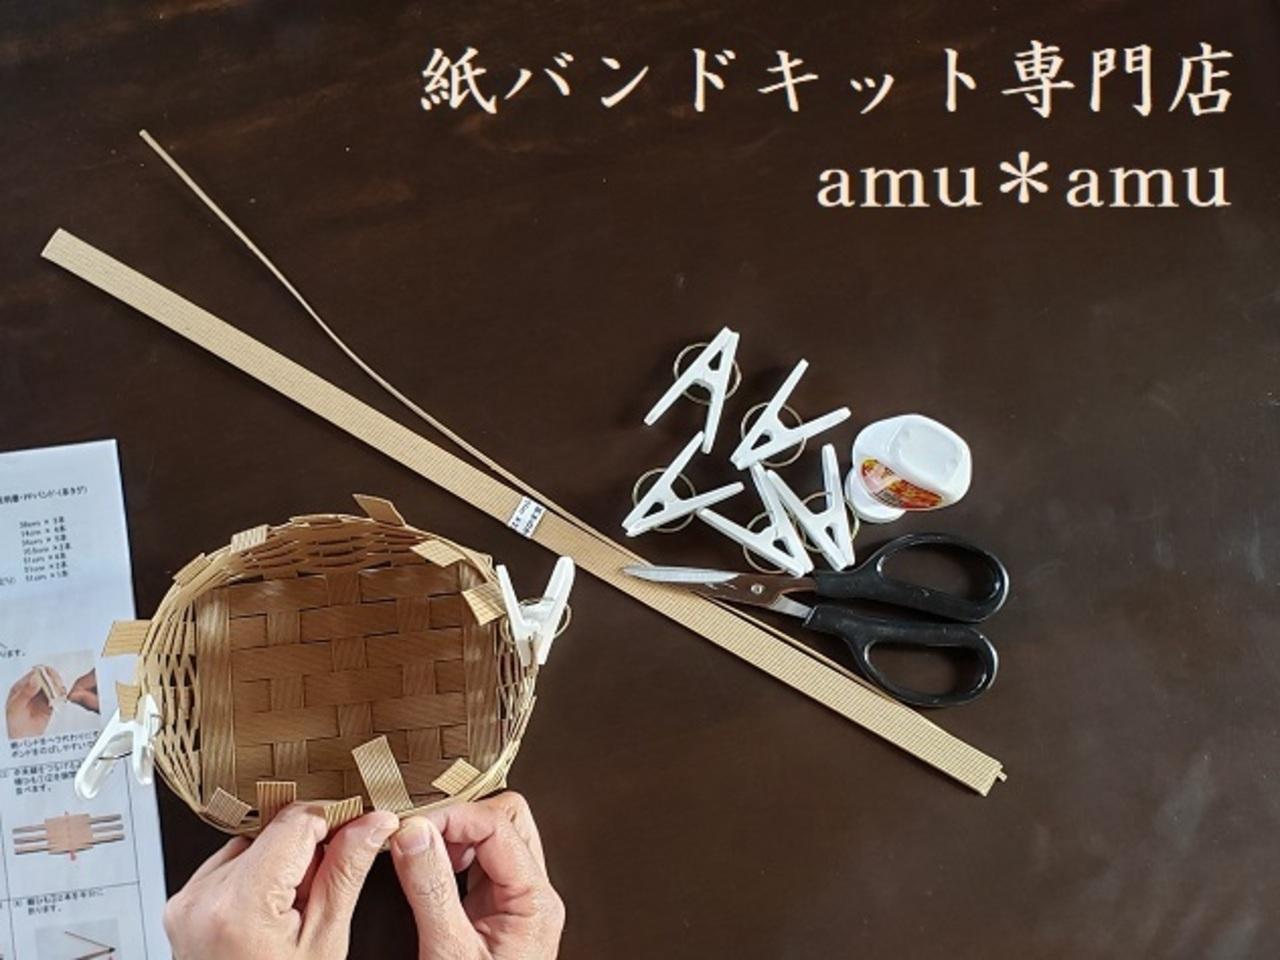 27204紙バンドキット専門店 amu*amu